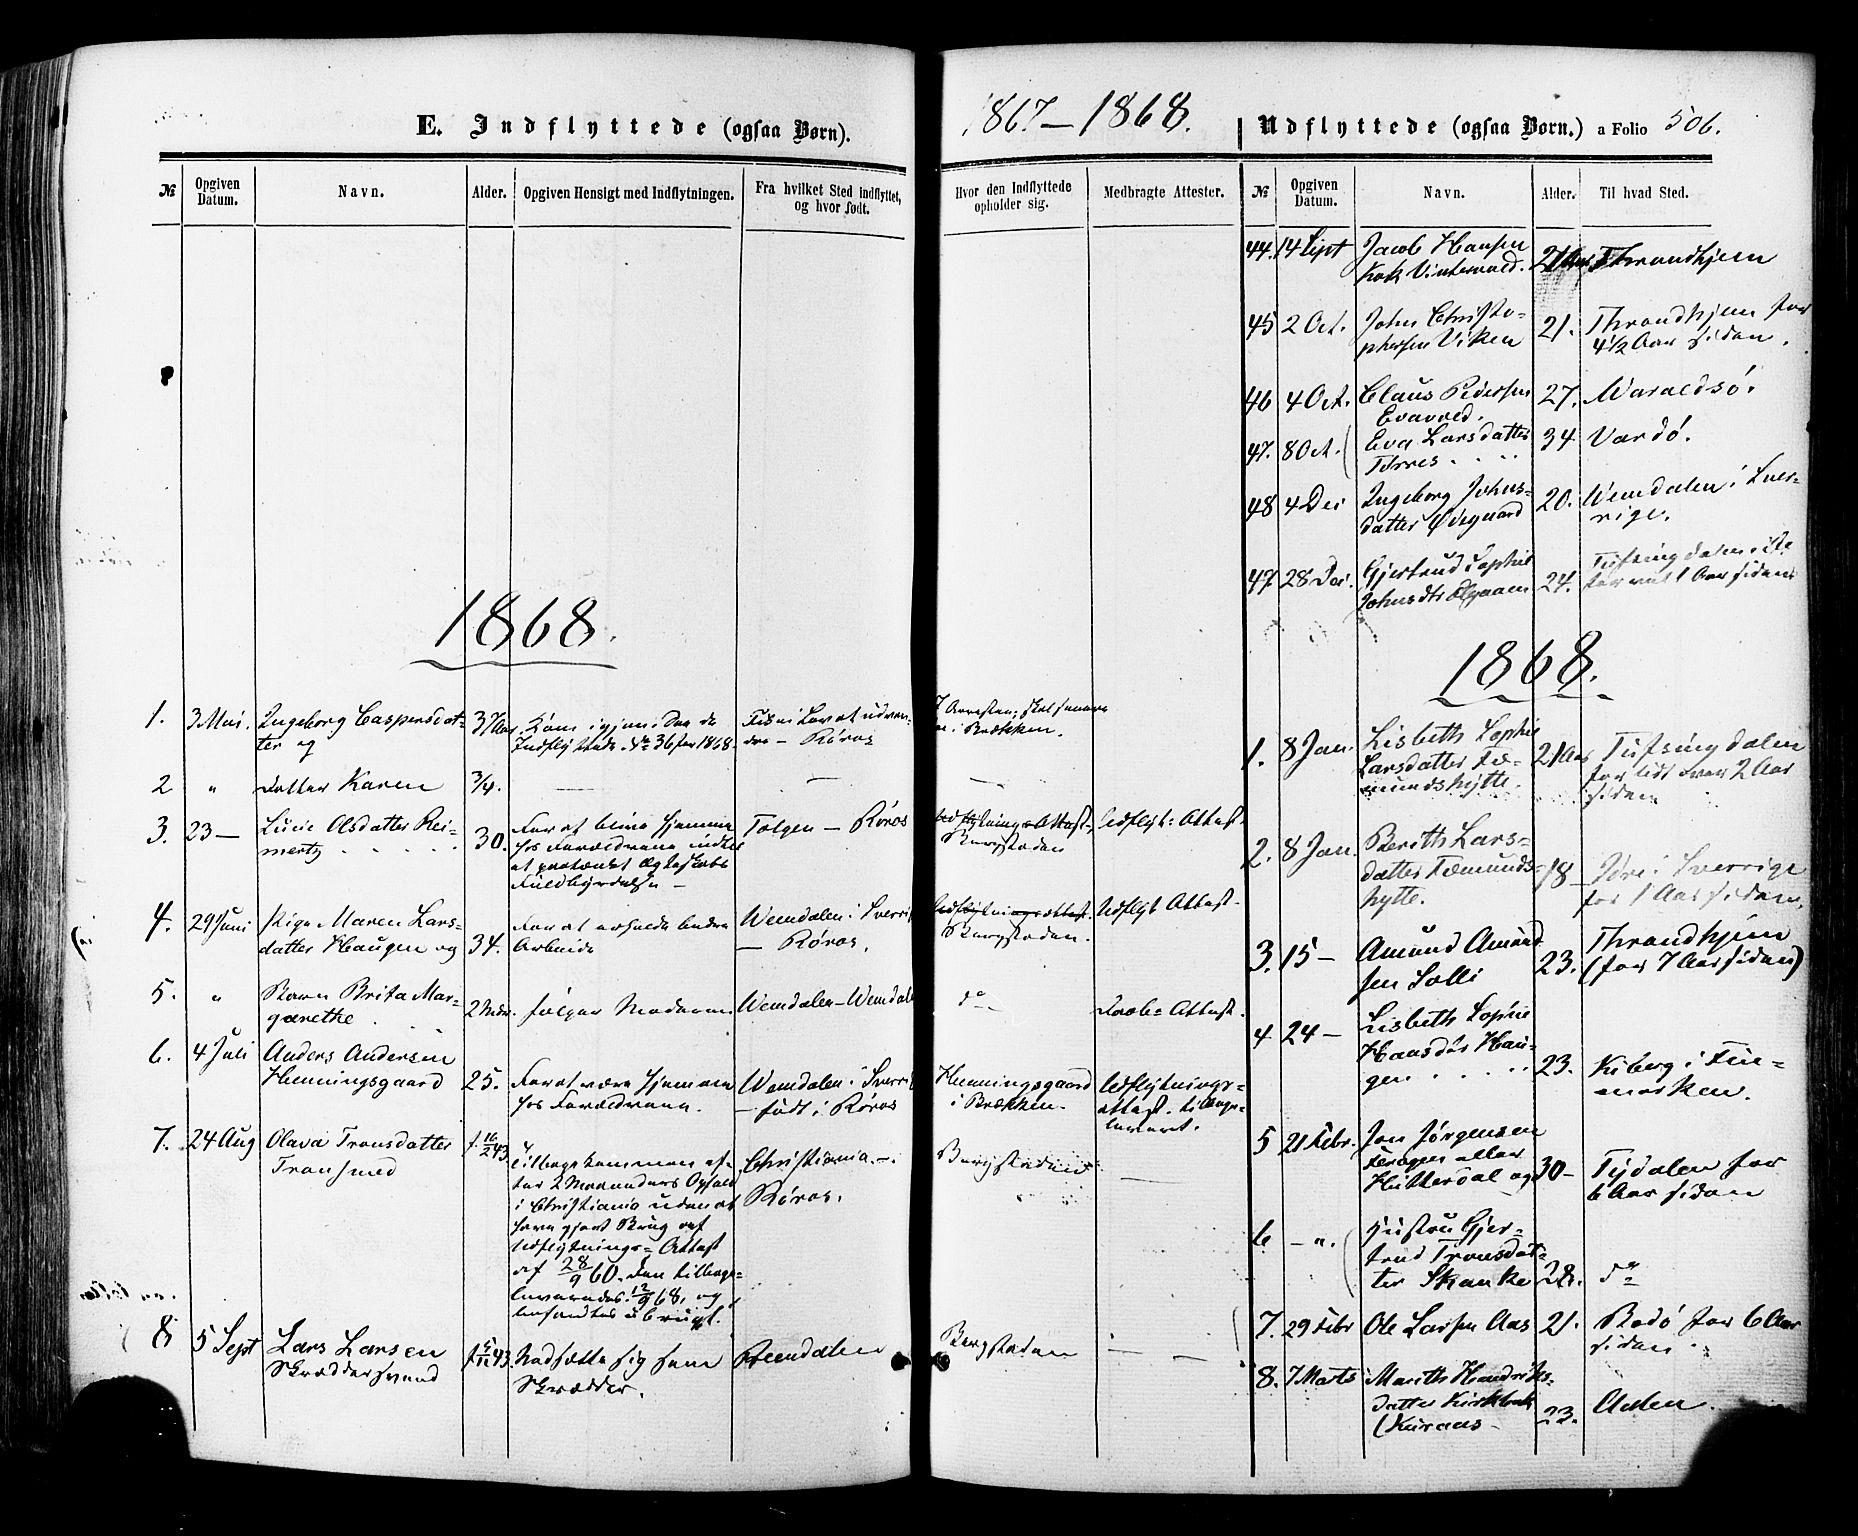 SAT, Ministerialprotokoller, klokkerbøker og fødselsregistre - Sør-Trøndelag, 681/L0932: Ministerialbok nr. 681A10, 1860-1878, s. 506